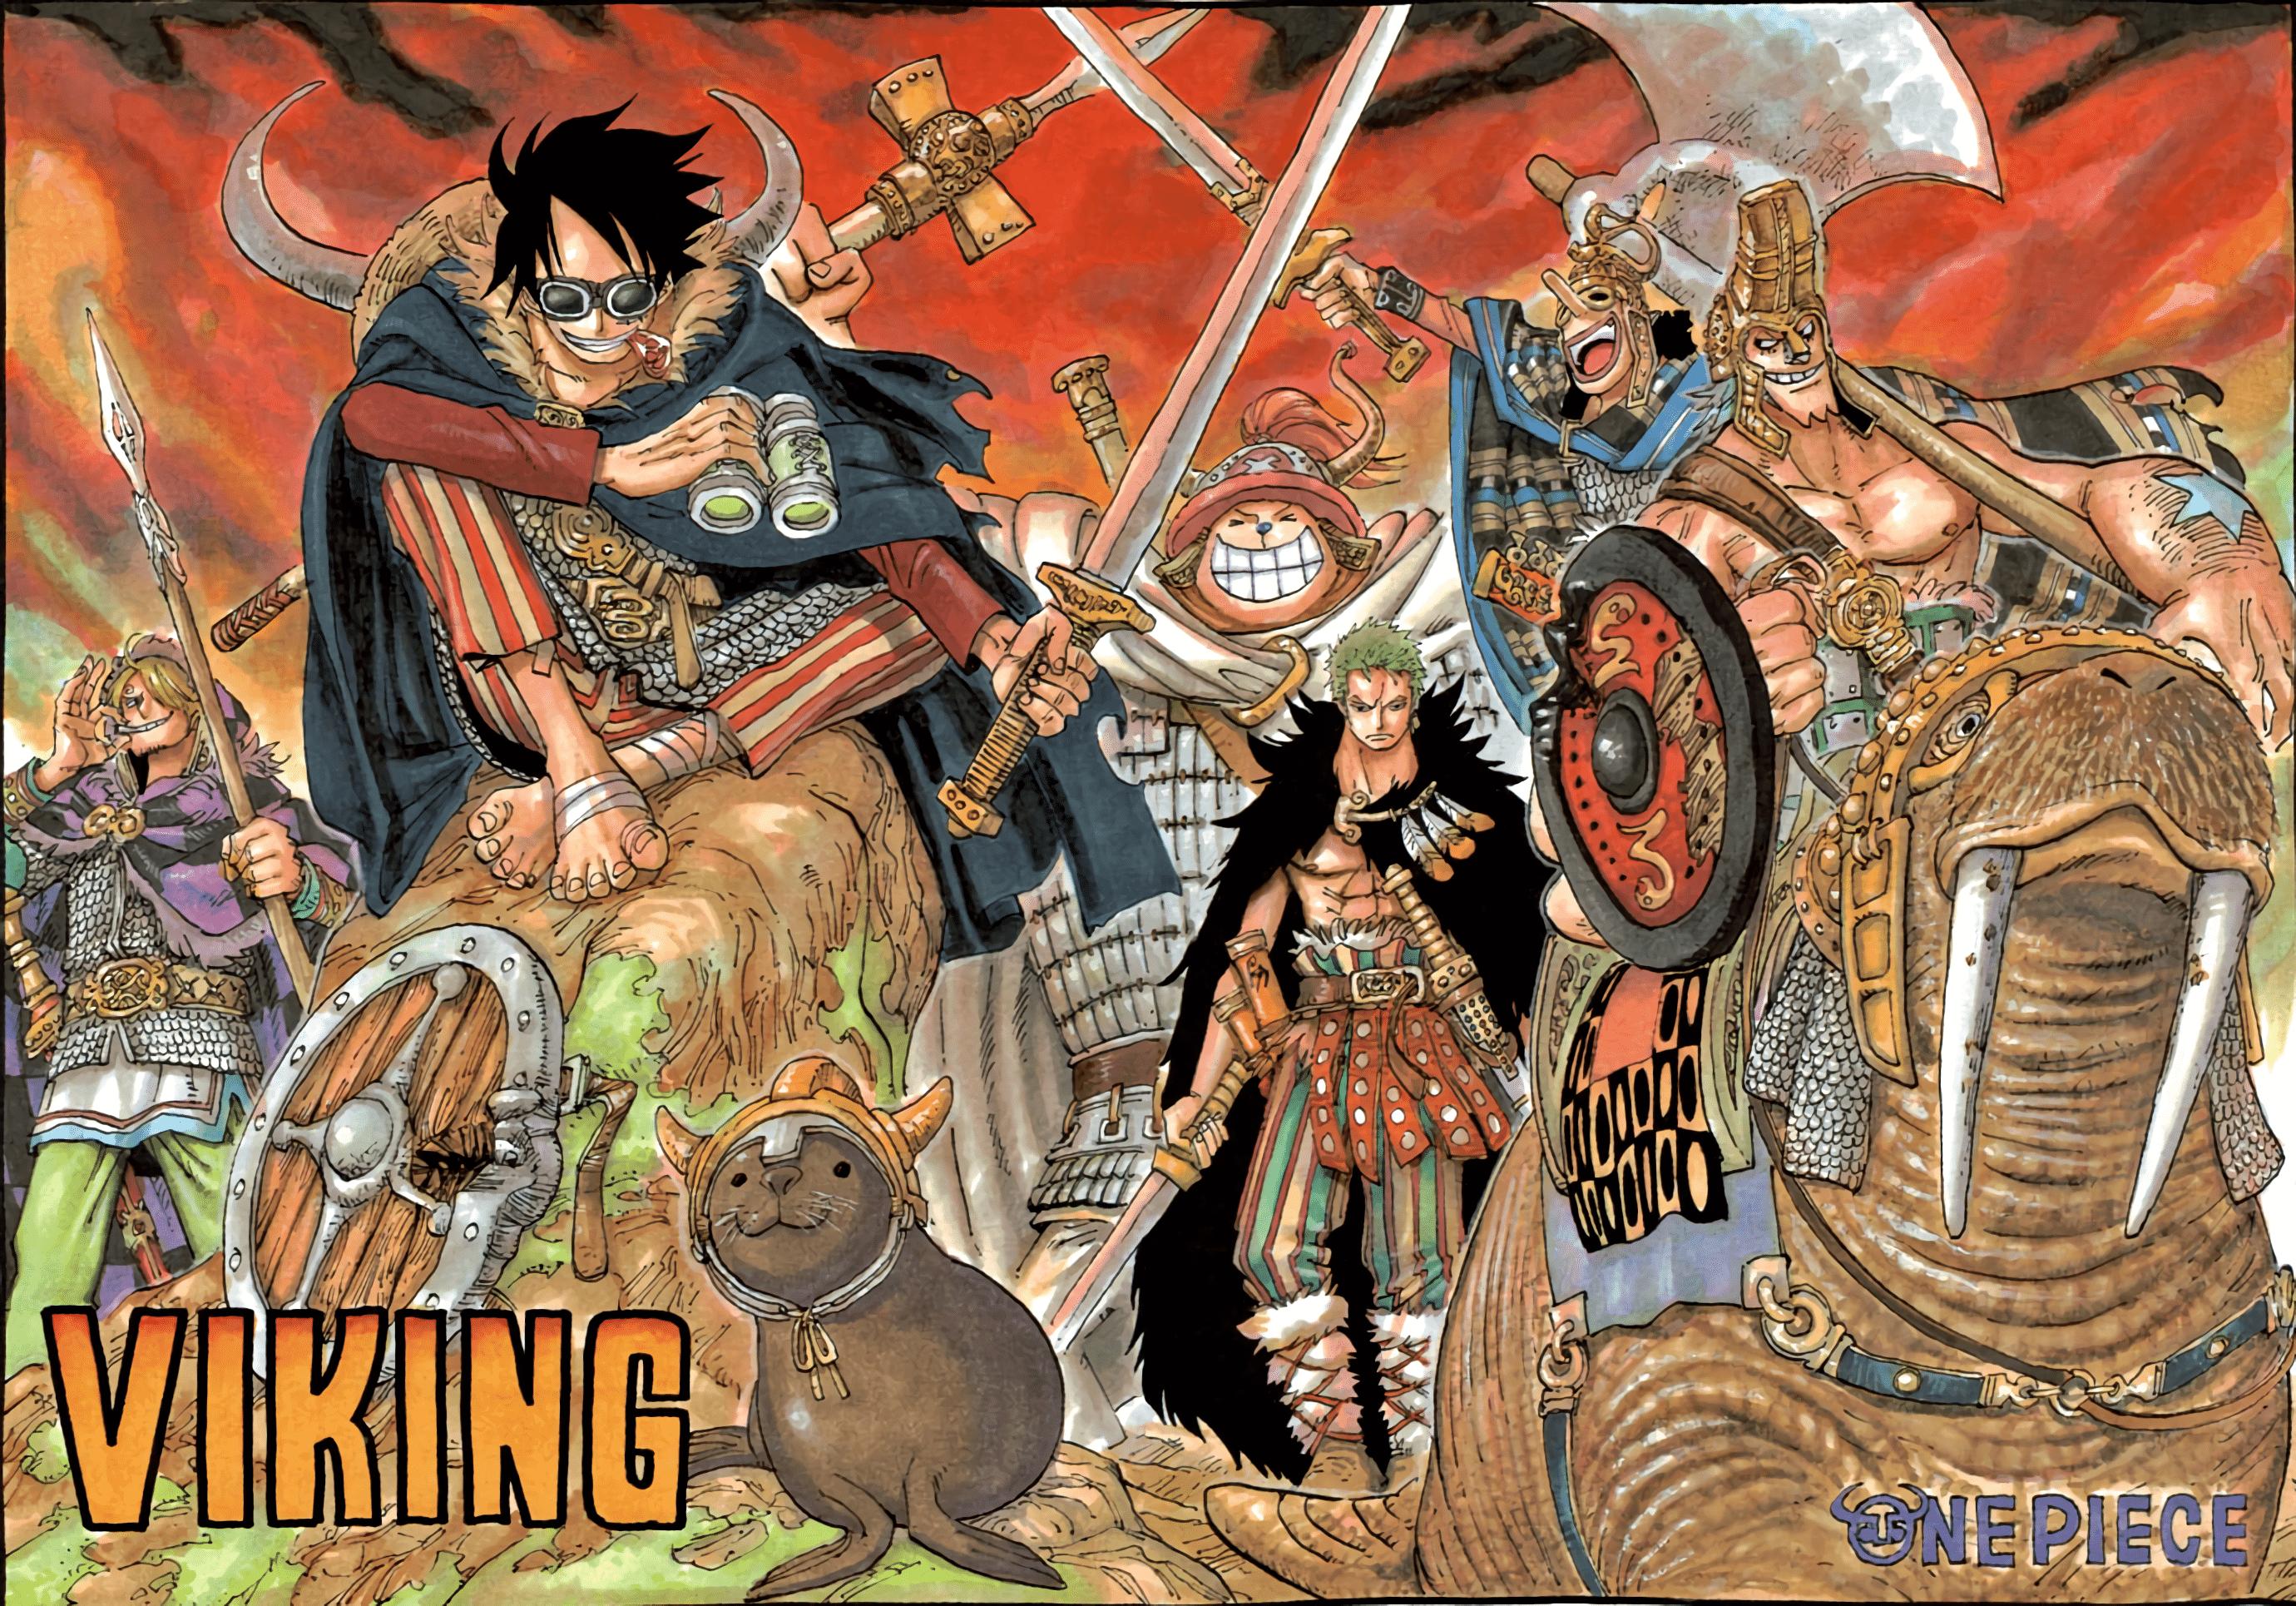 One Piece Desktop Wallpapers Top Free One Piece Desktop